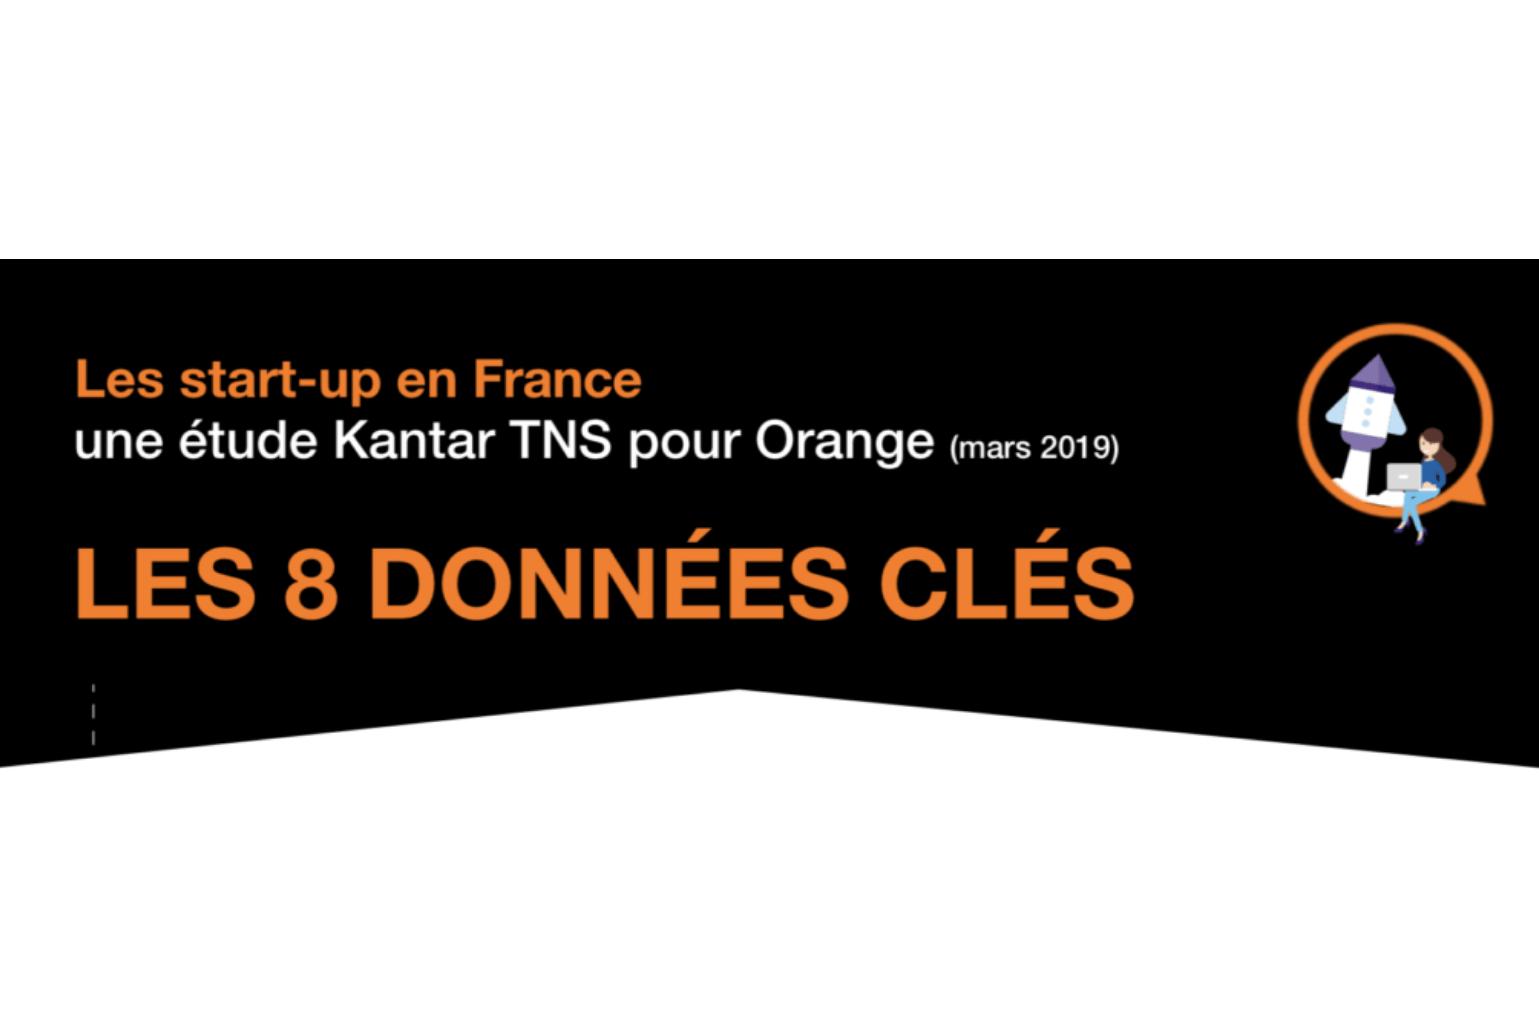 Étude start-up par orange